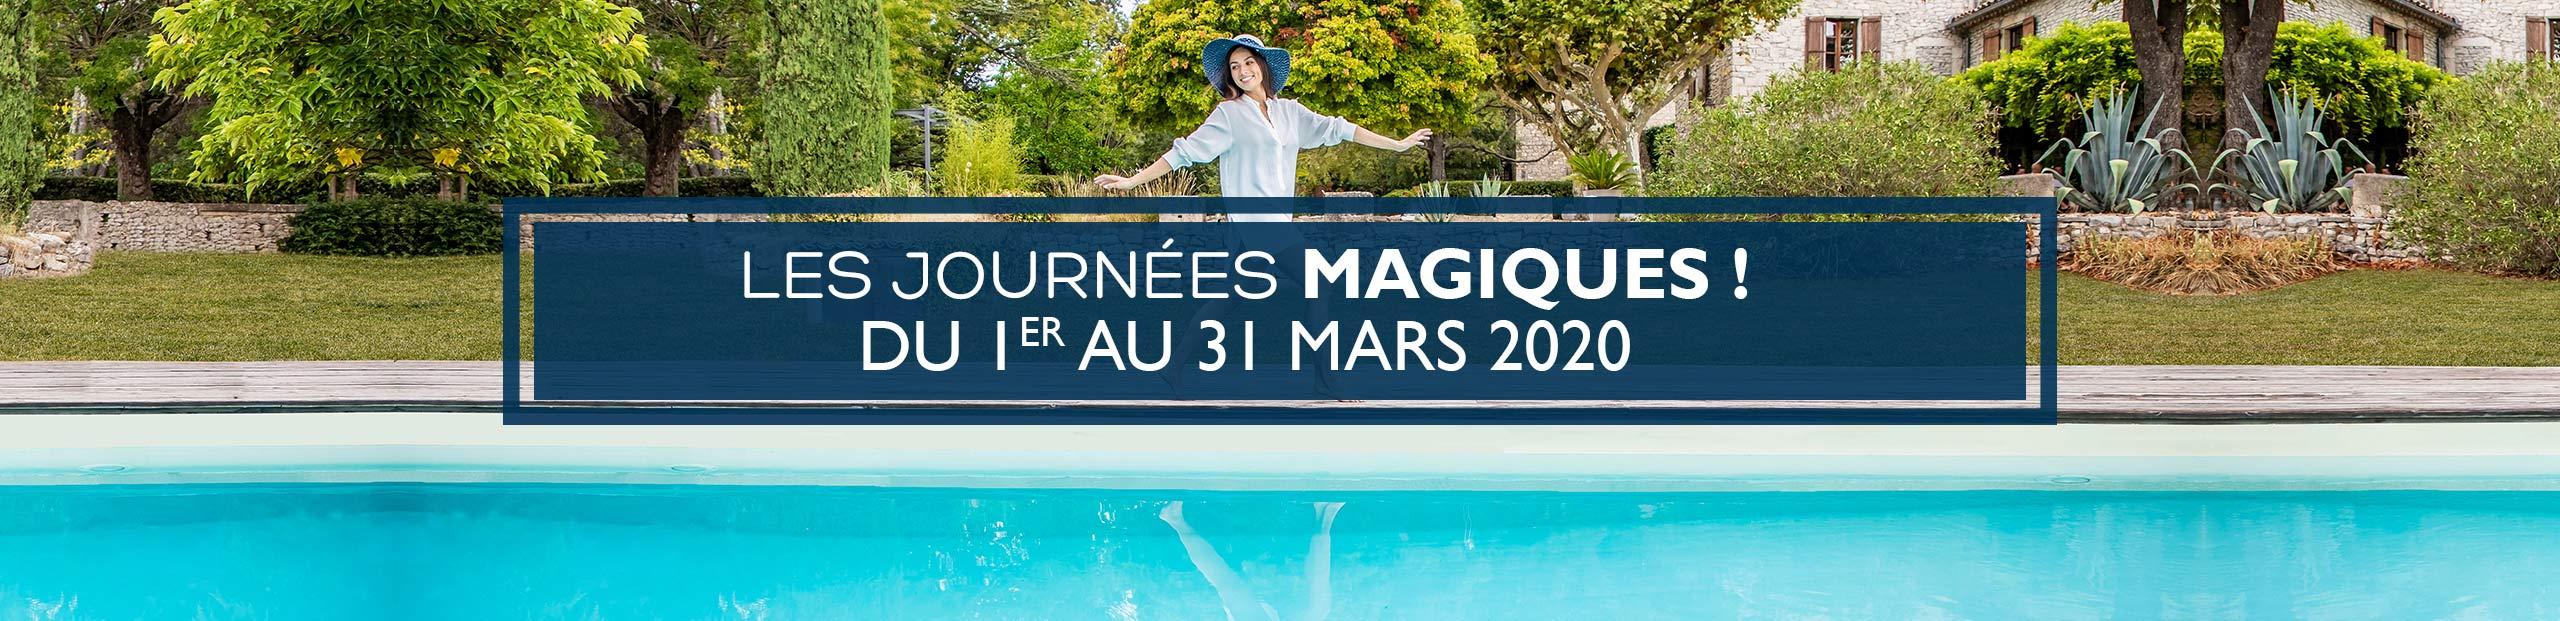 Piscines Magiline : Constructeur De Piscines, Conception Et ... encequiconcerne Piscine St Amand Les Eaux